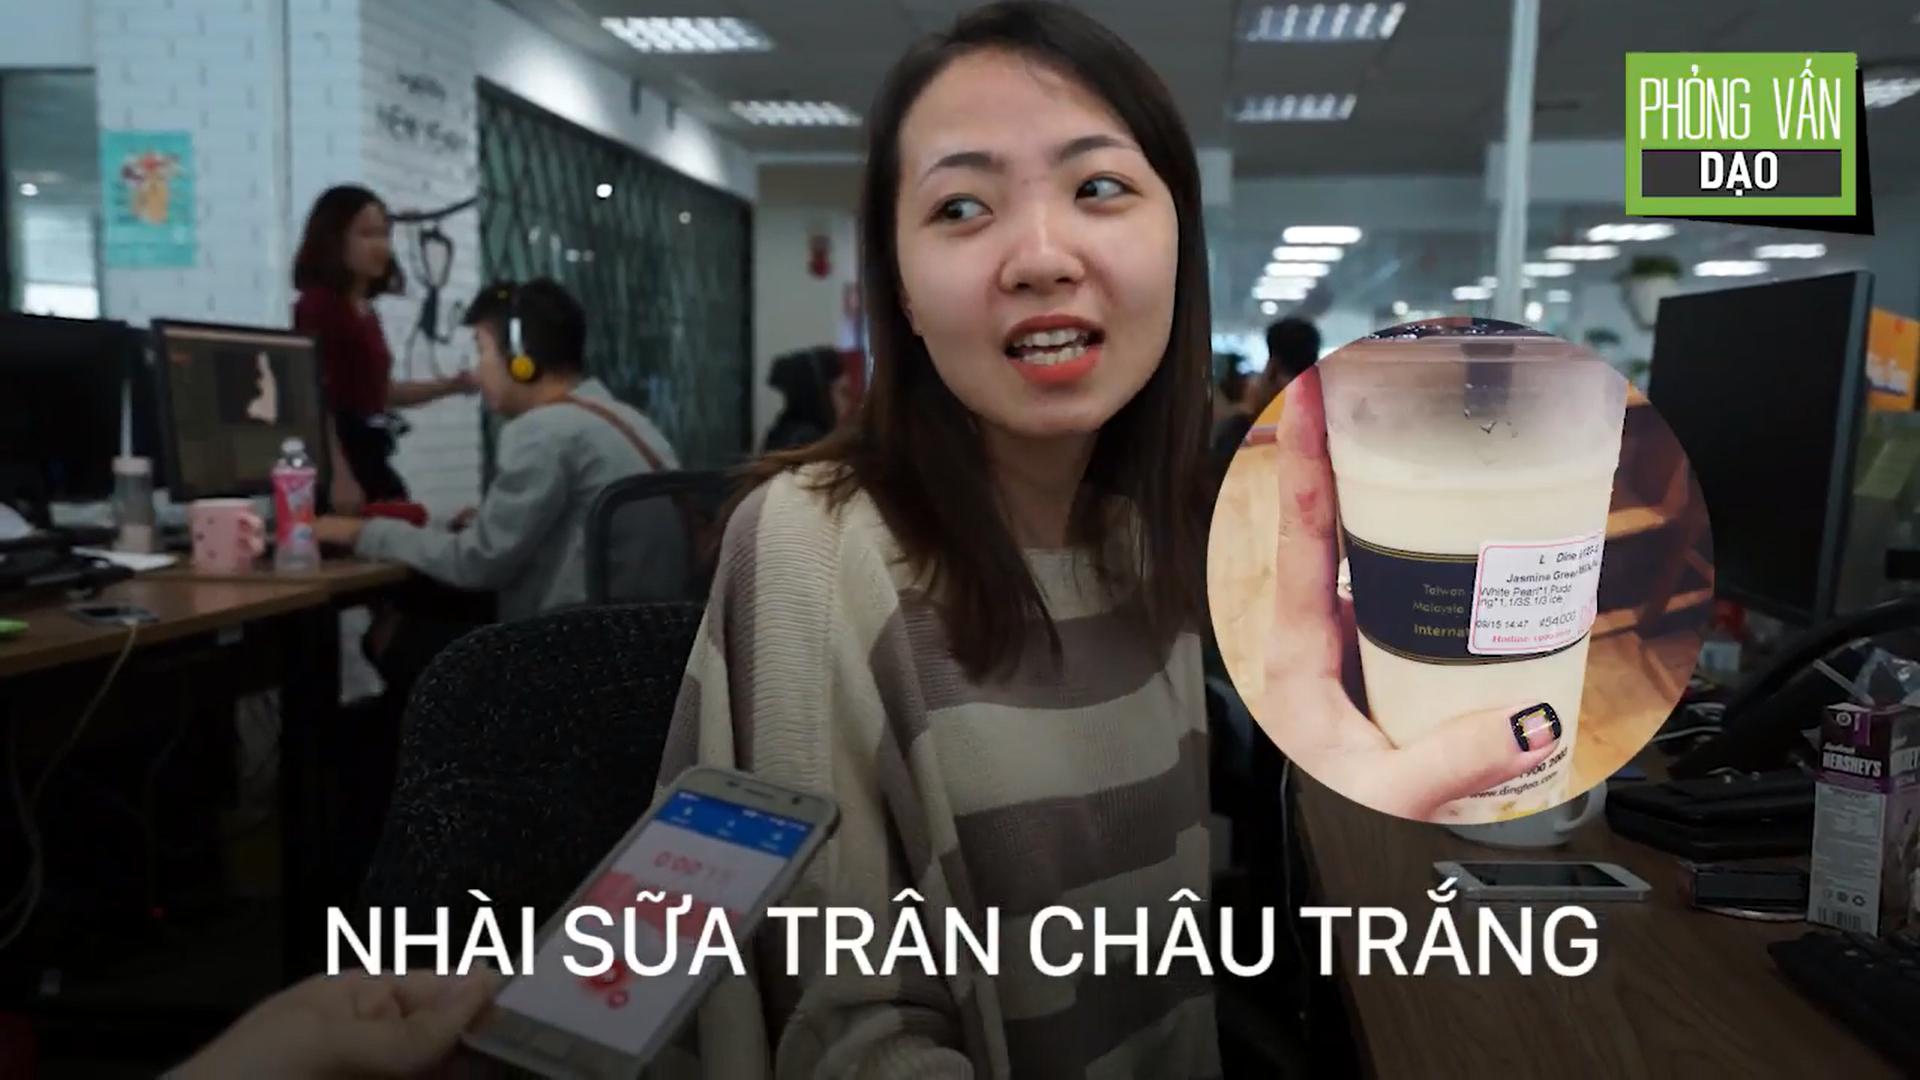 Phỏng vấn dạo: Đối với bạn, trà sữa có ý nghĩa như thế nào? - Ảnh 13.